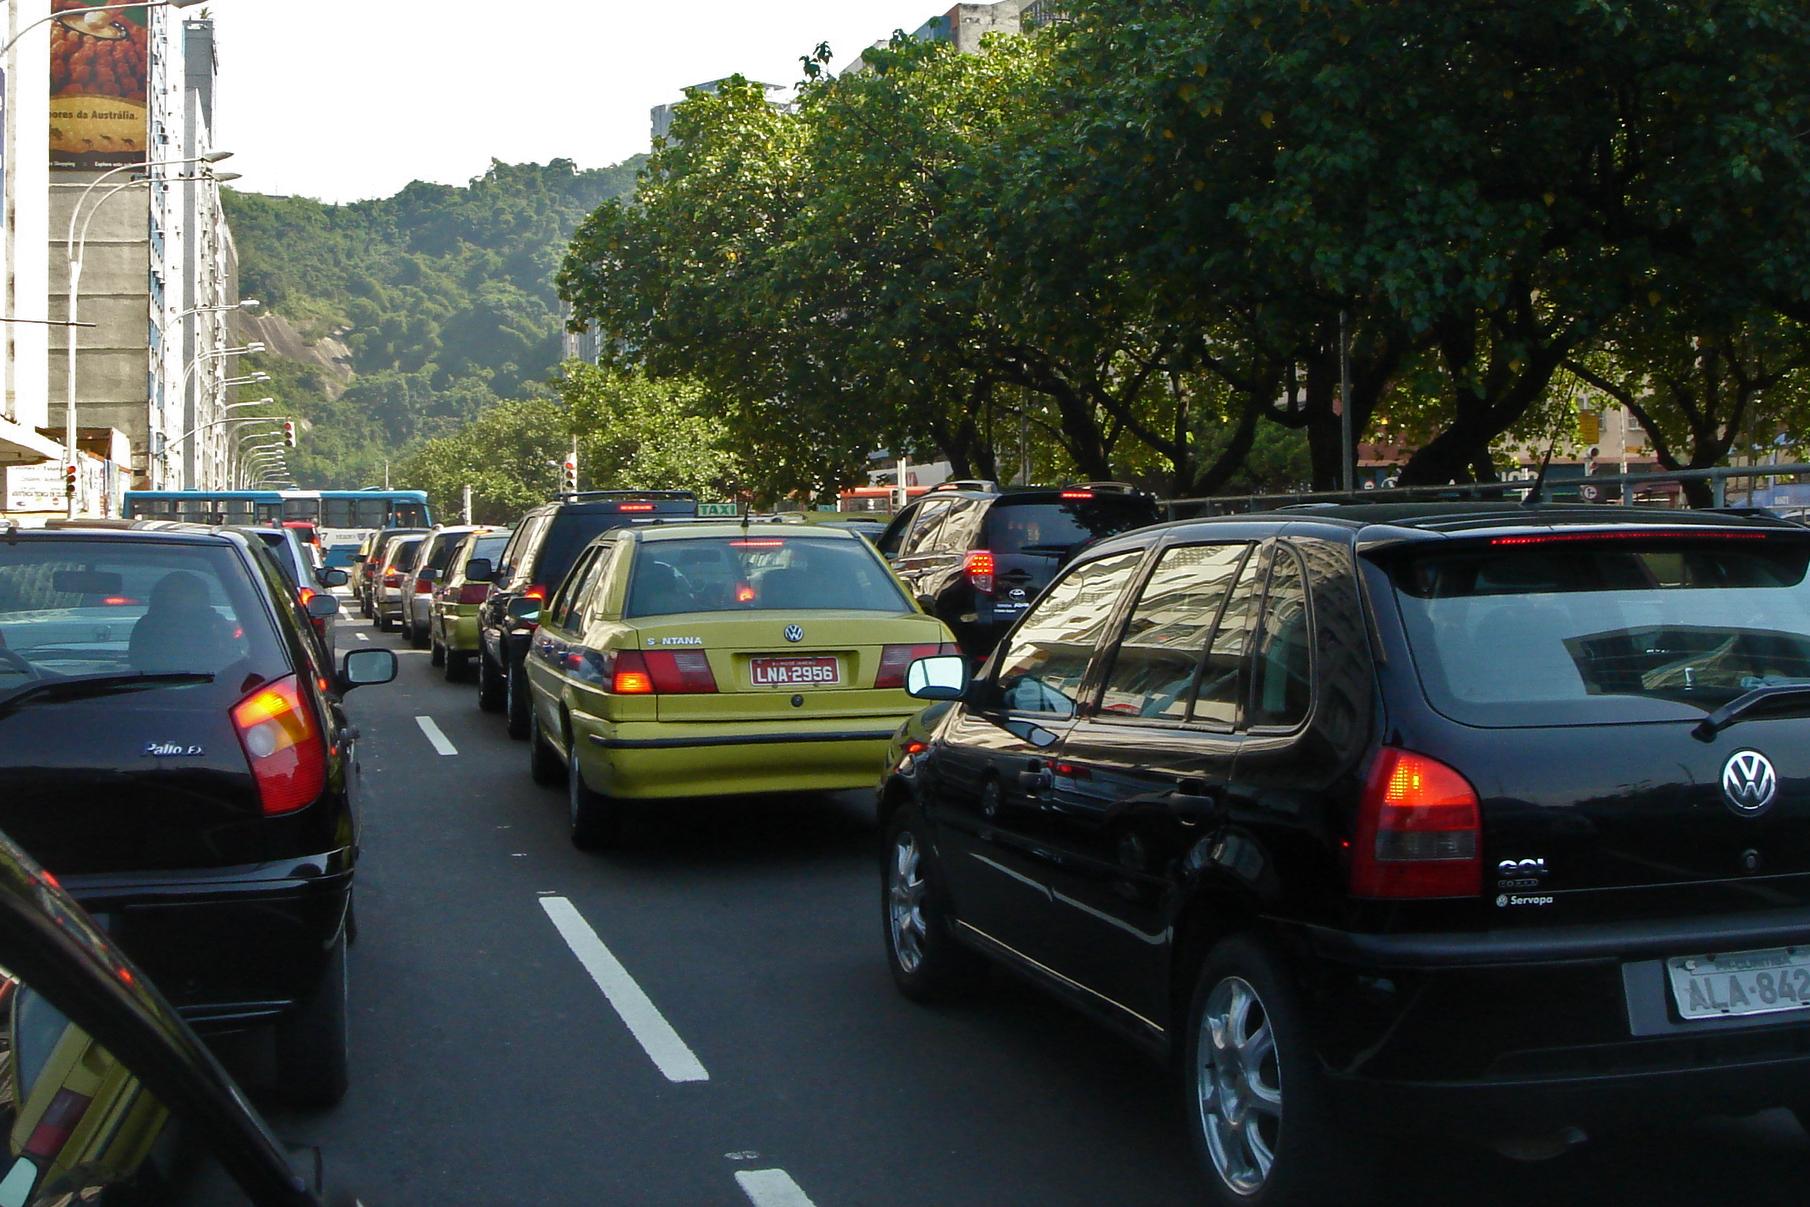 Traffic congestion in Rio de Janeiro (Leme)